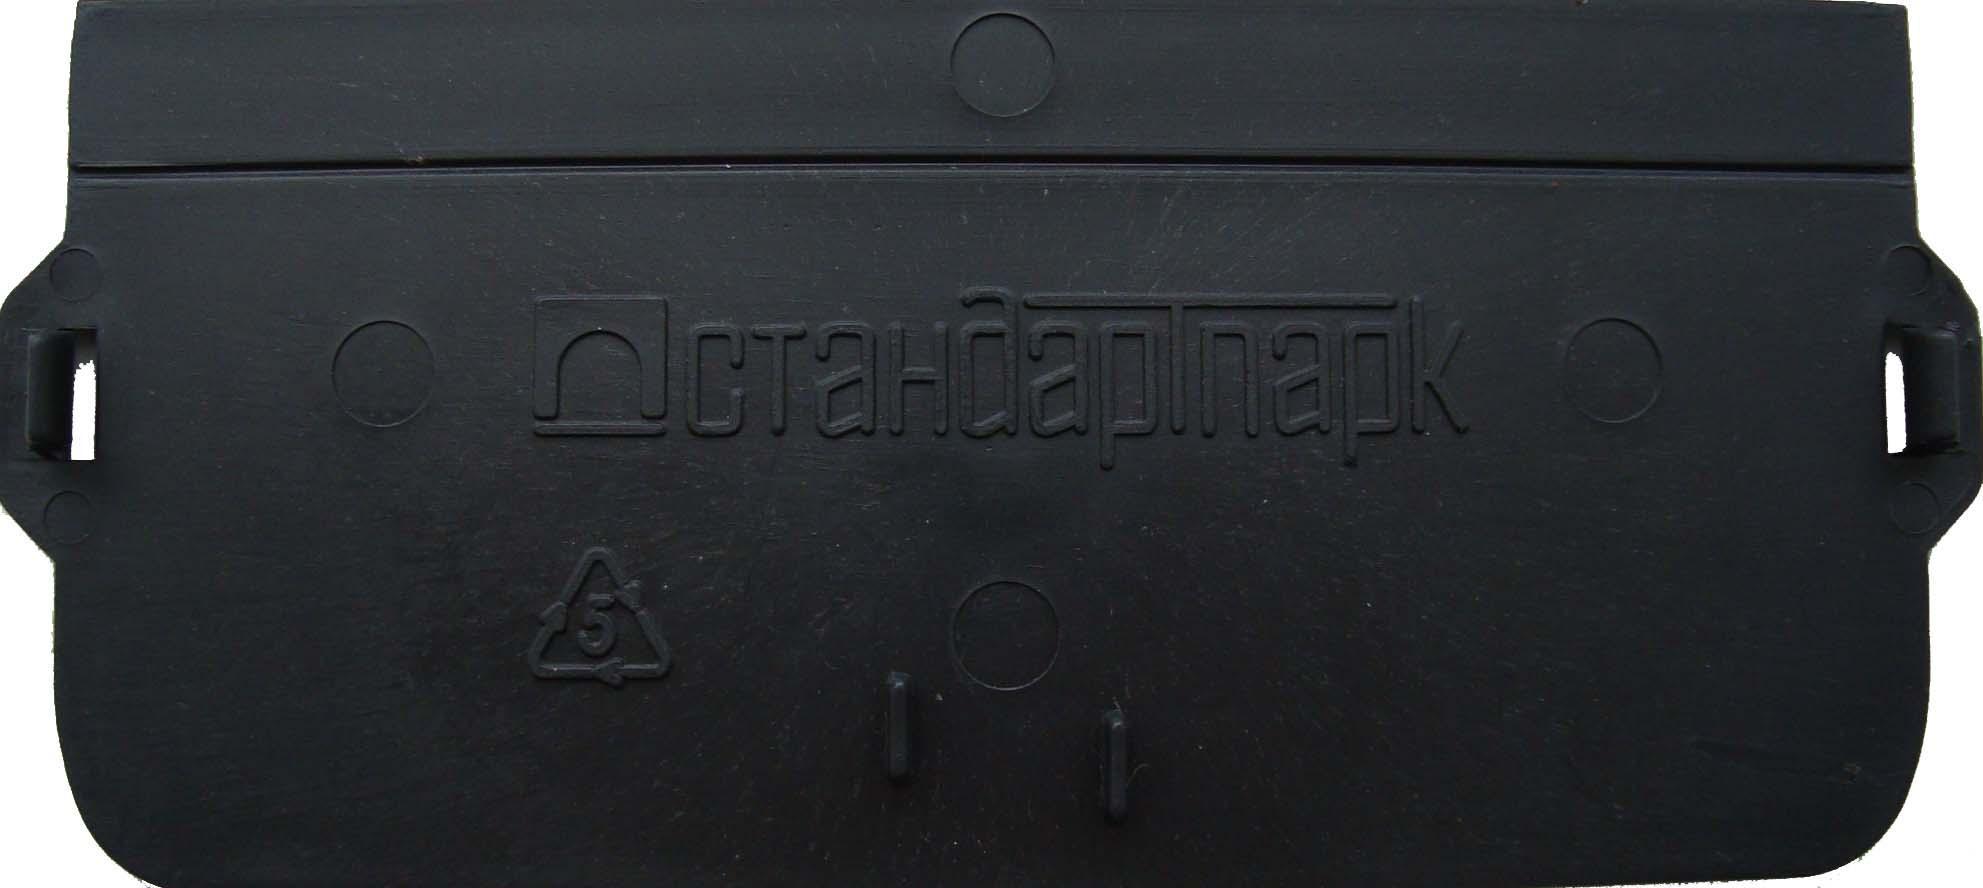 Торцевая заглушка ЗЛВ-10.16.08–ПП 6831 для лотка водоотводного пластиковая